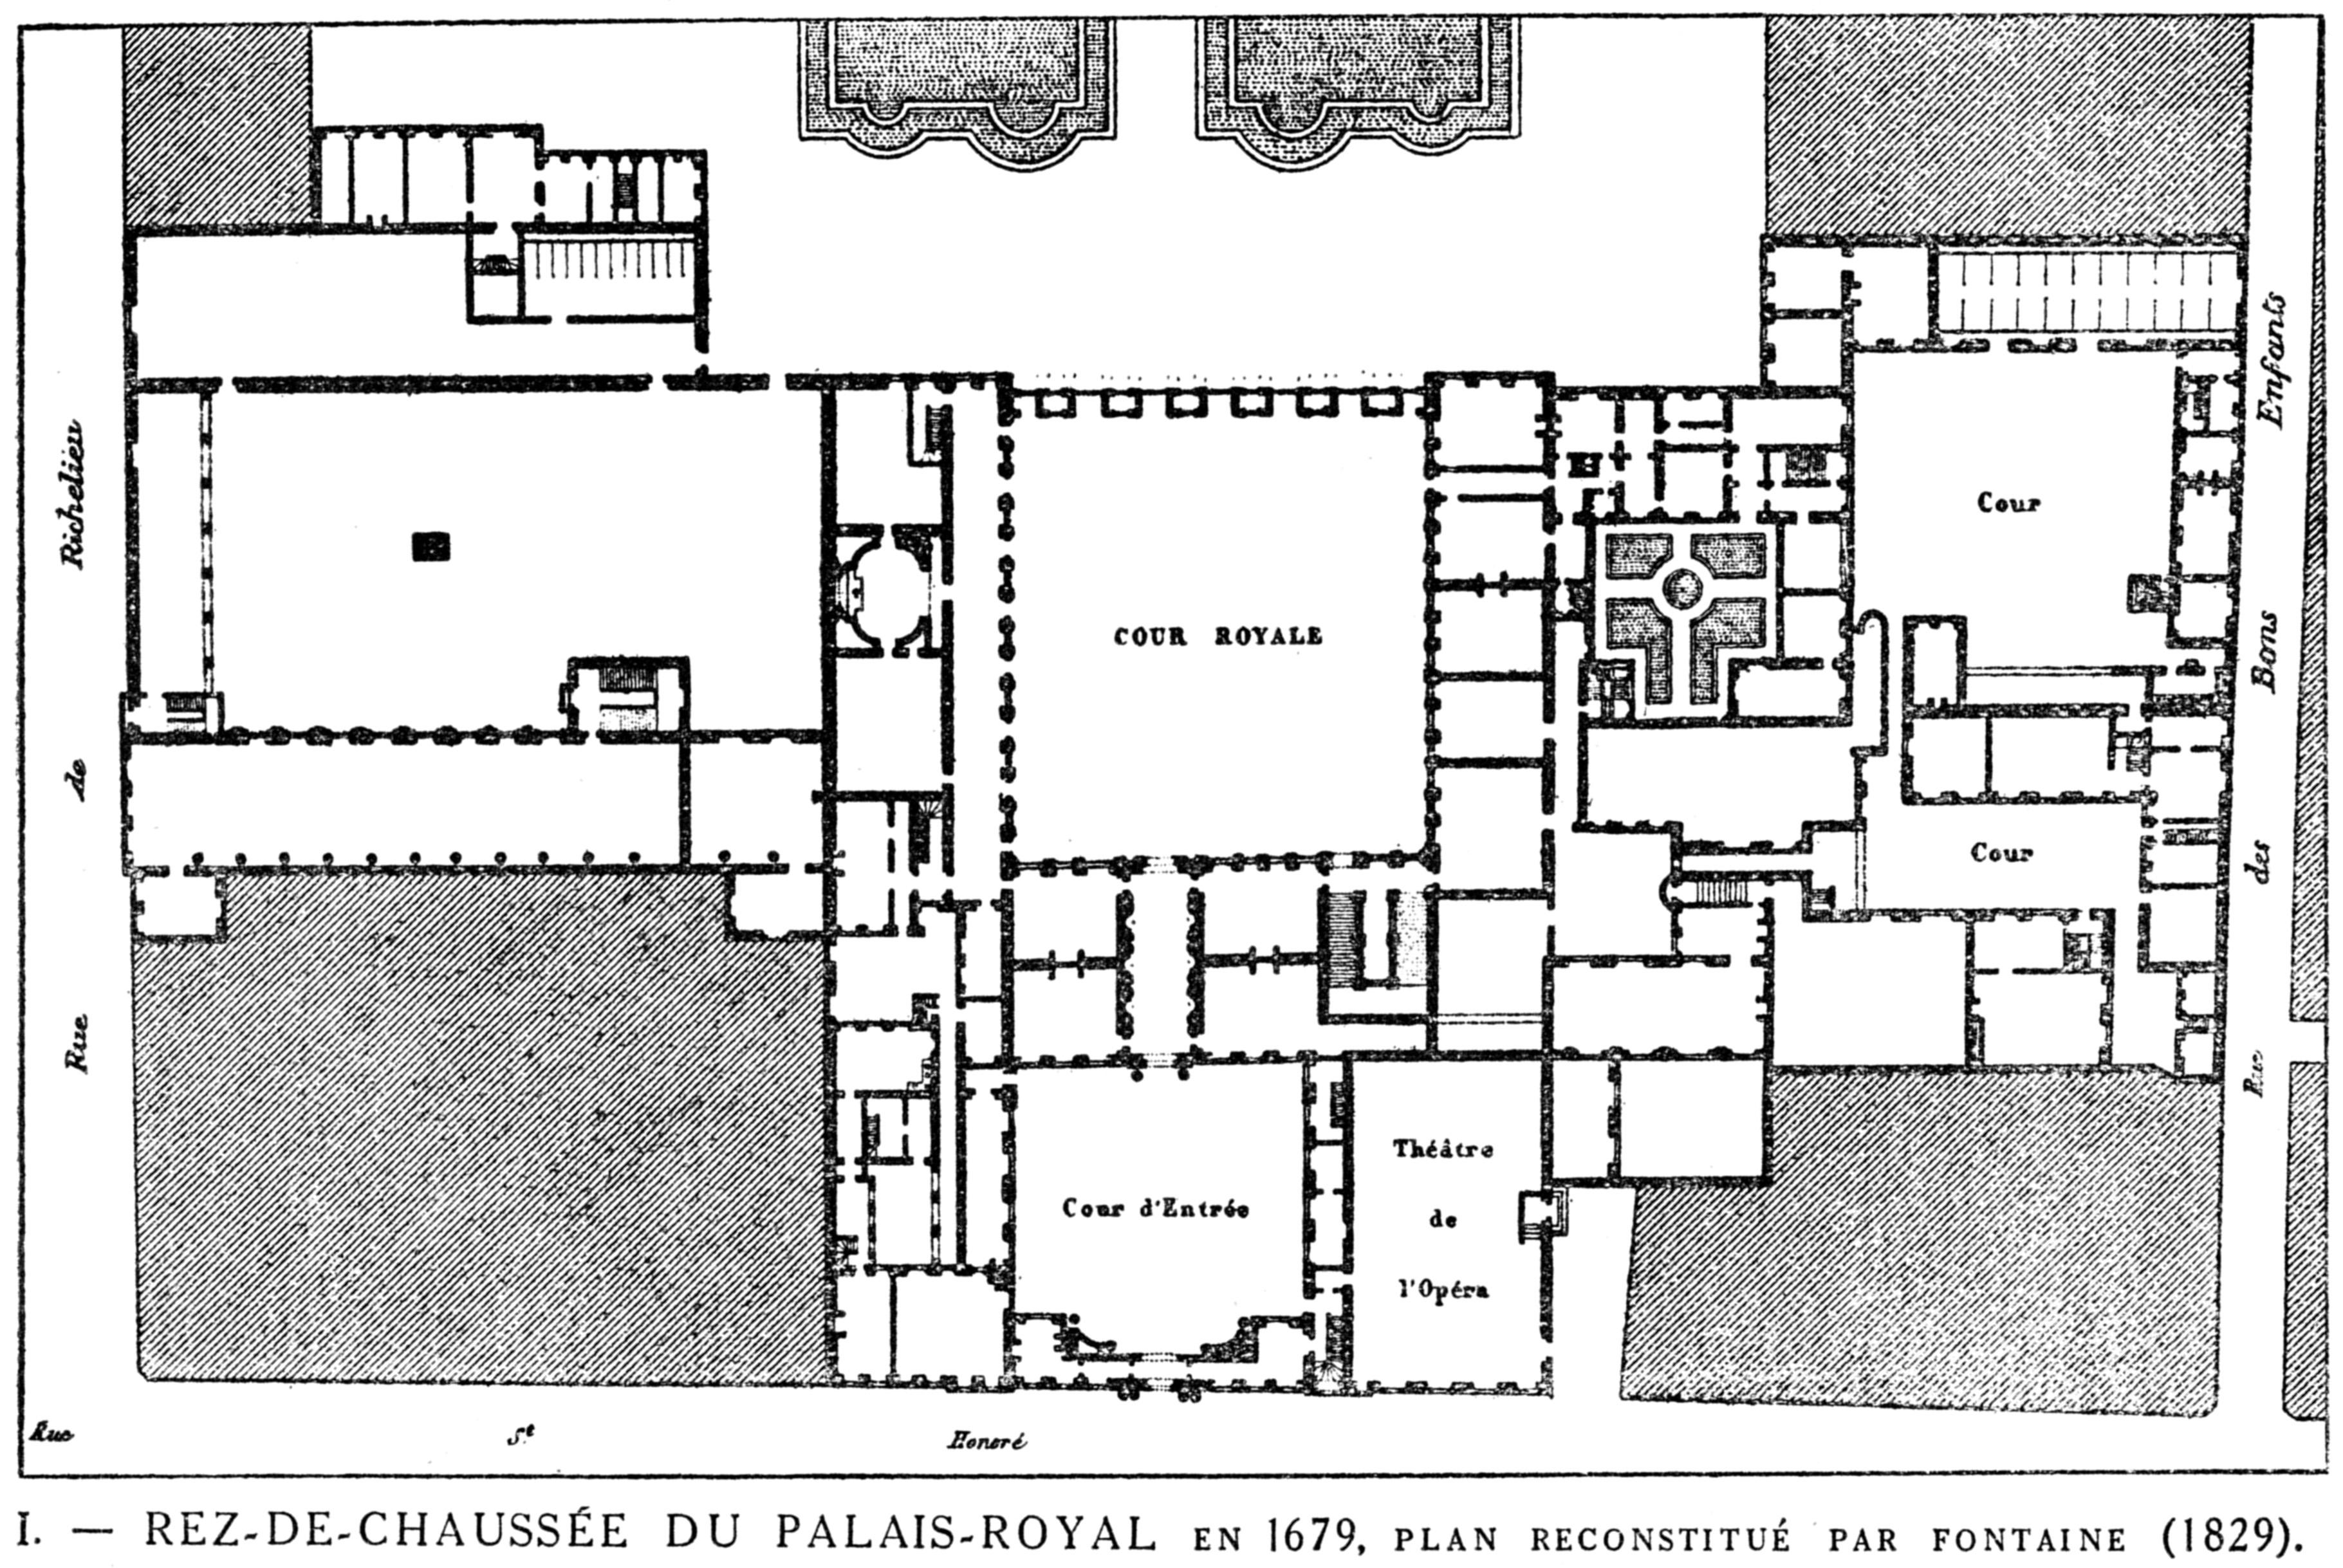 Filerez de chaussée du palais royal en 1679 plan reconstitué